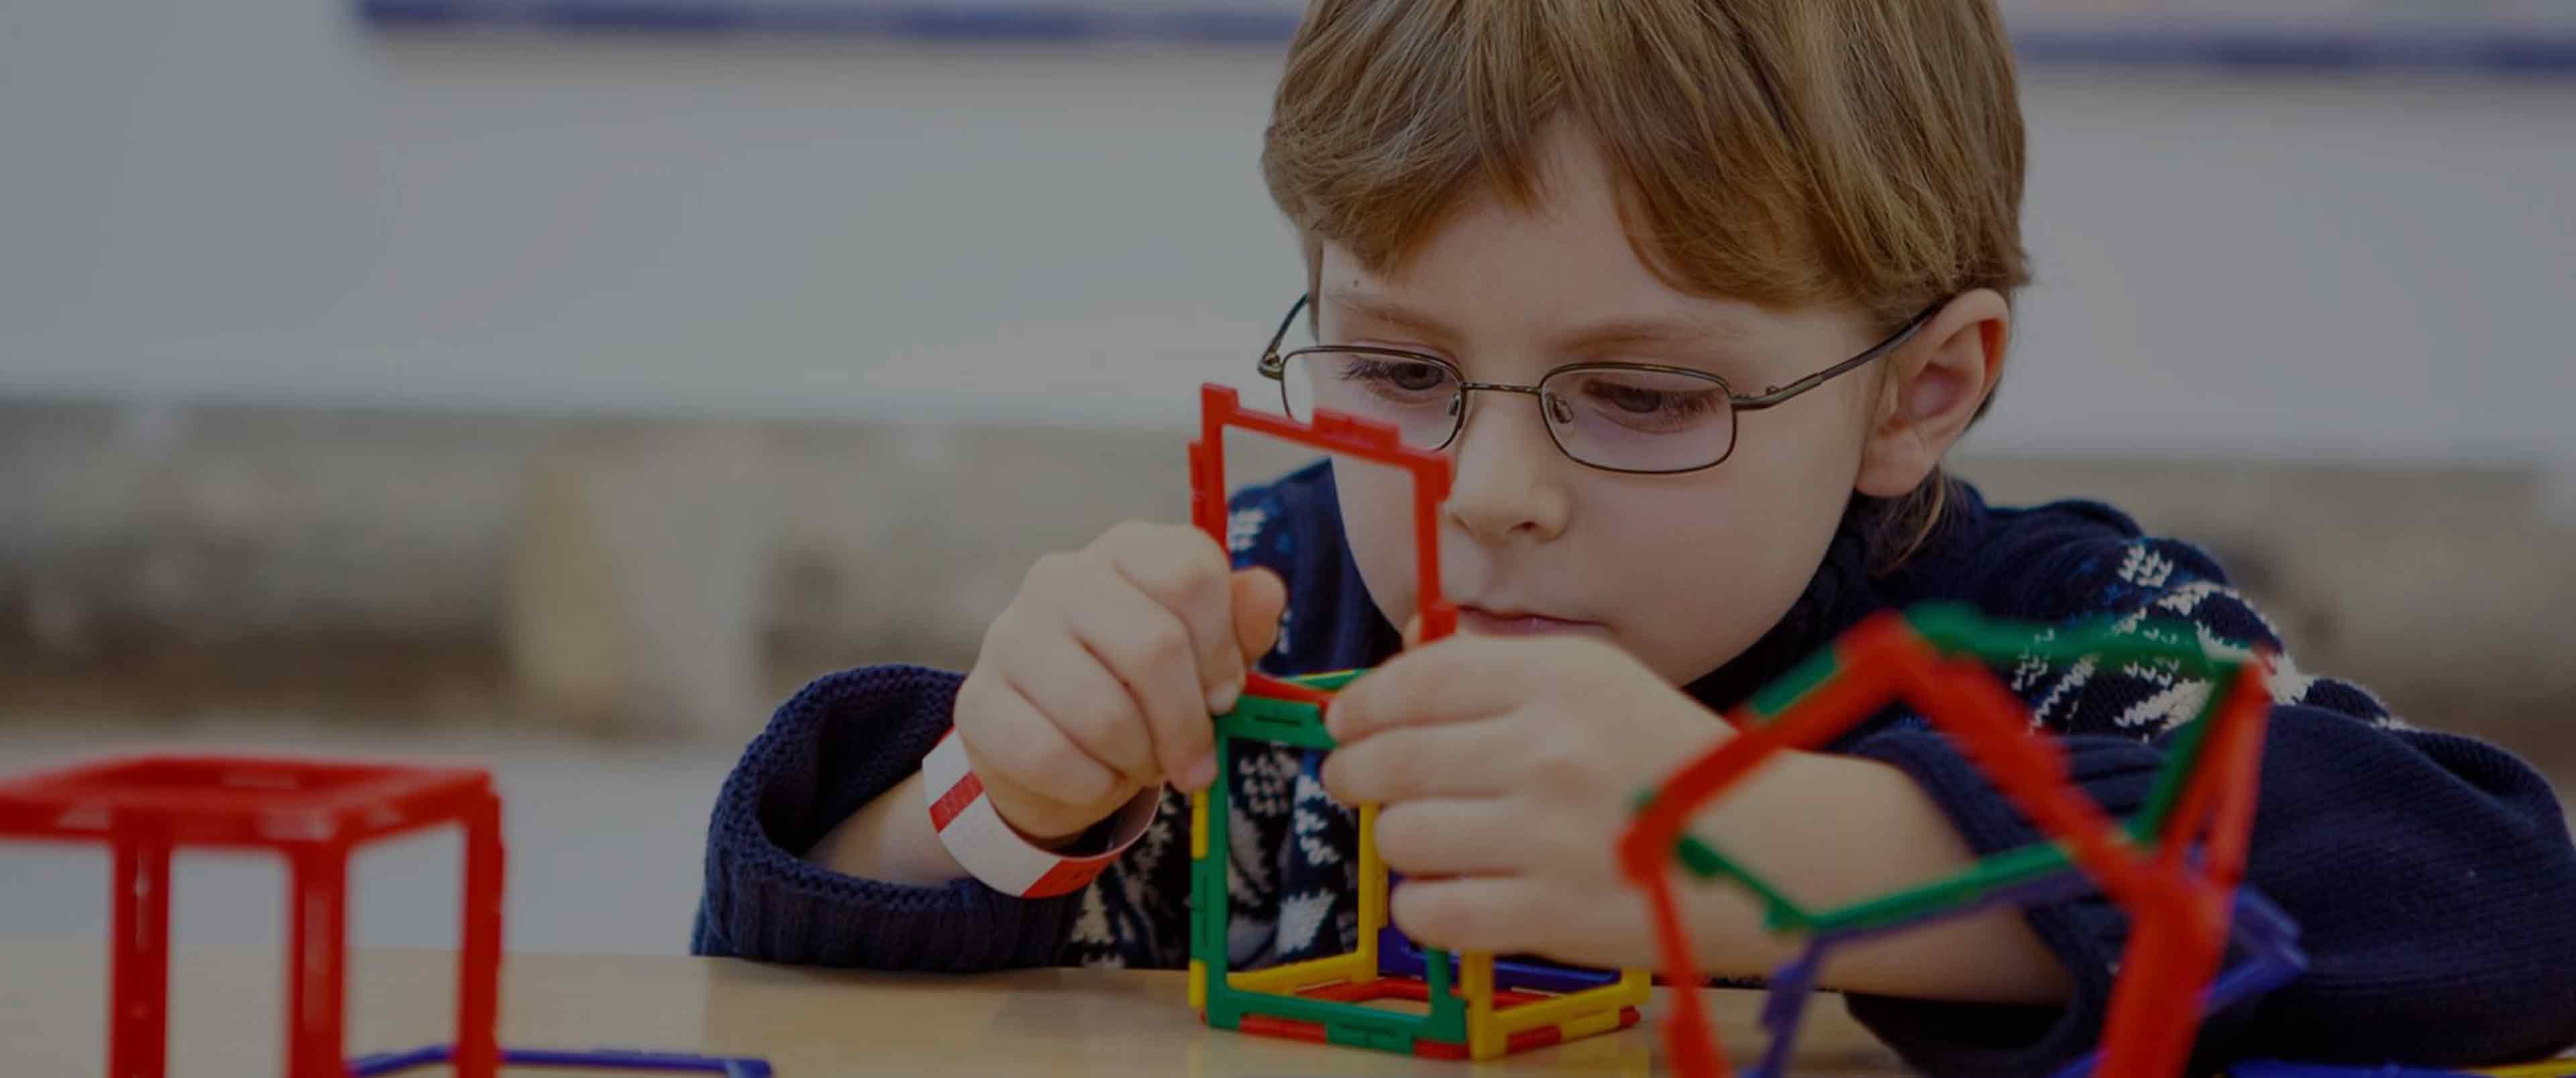 کاردرمانی در منزل برای کودکان اوتیسم